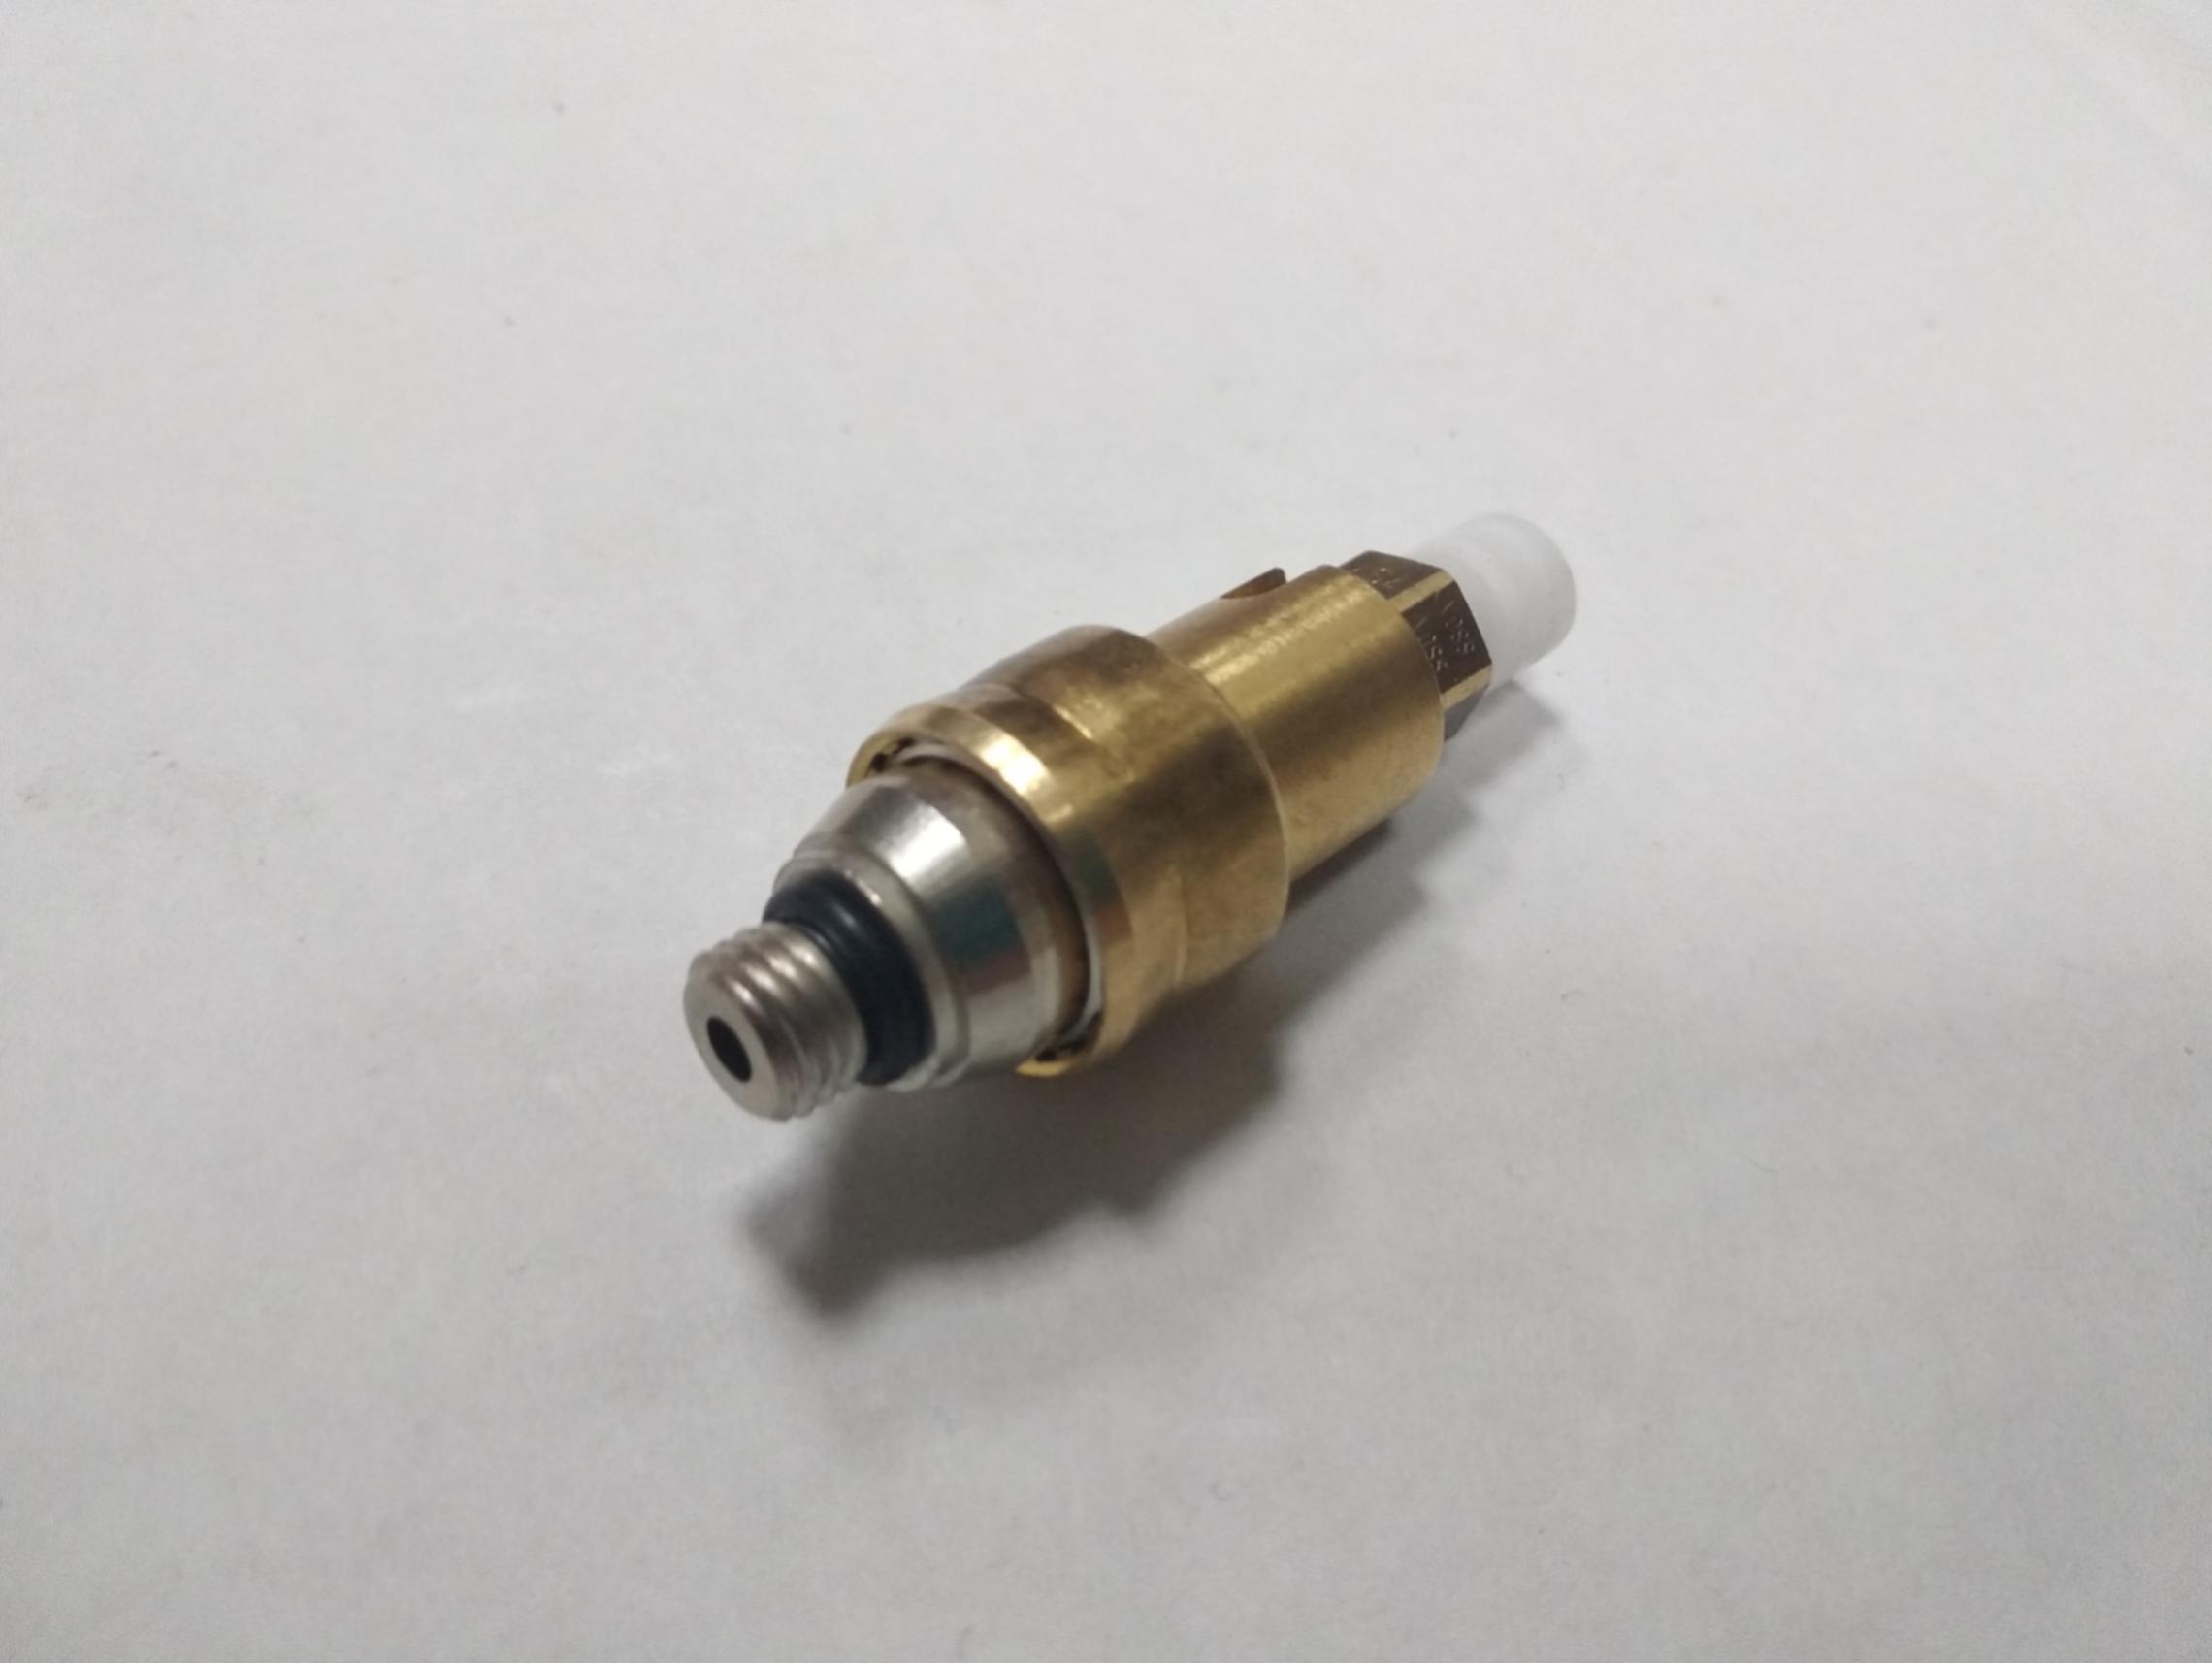 картинка Нагнетательный клапан (штуцер) пневмоподвески Voss Automotive для Audi Volkswagen Bentley новый оригинал от магазина пневмоподвески ПневмоМаркет